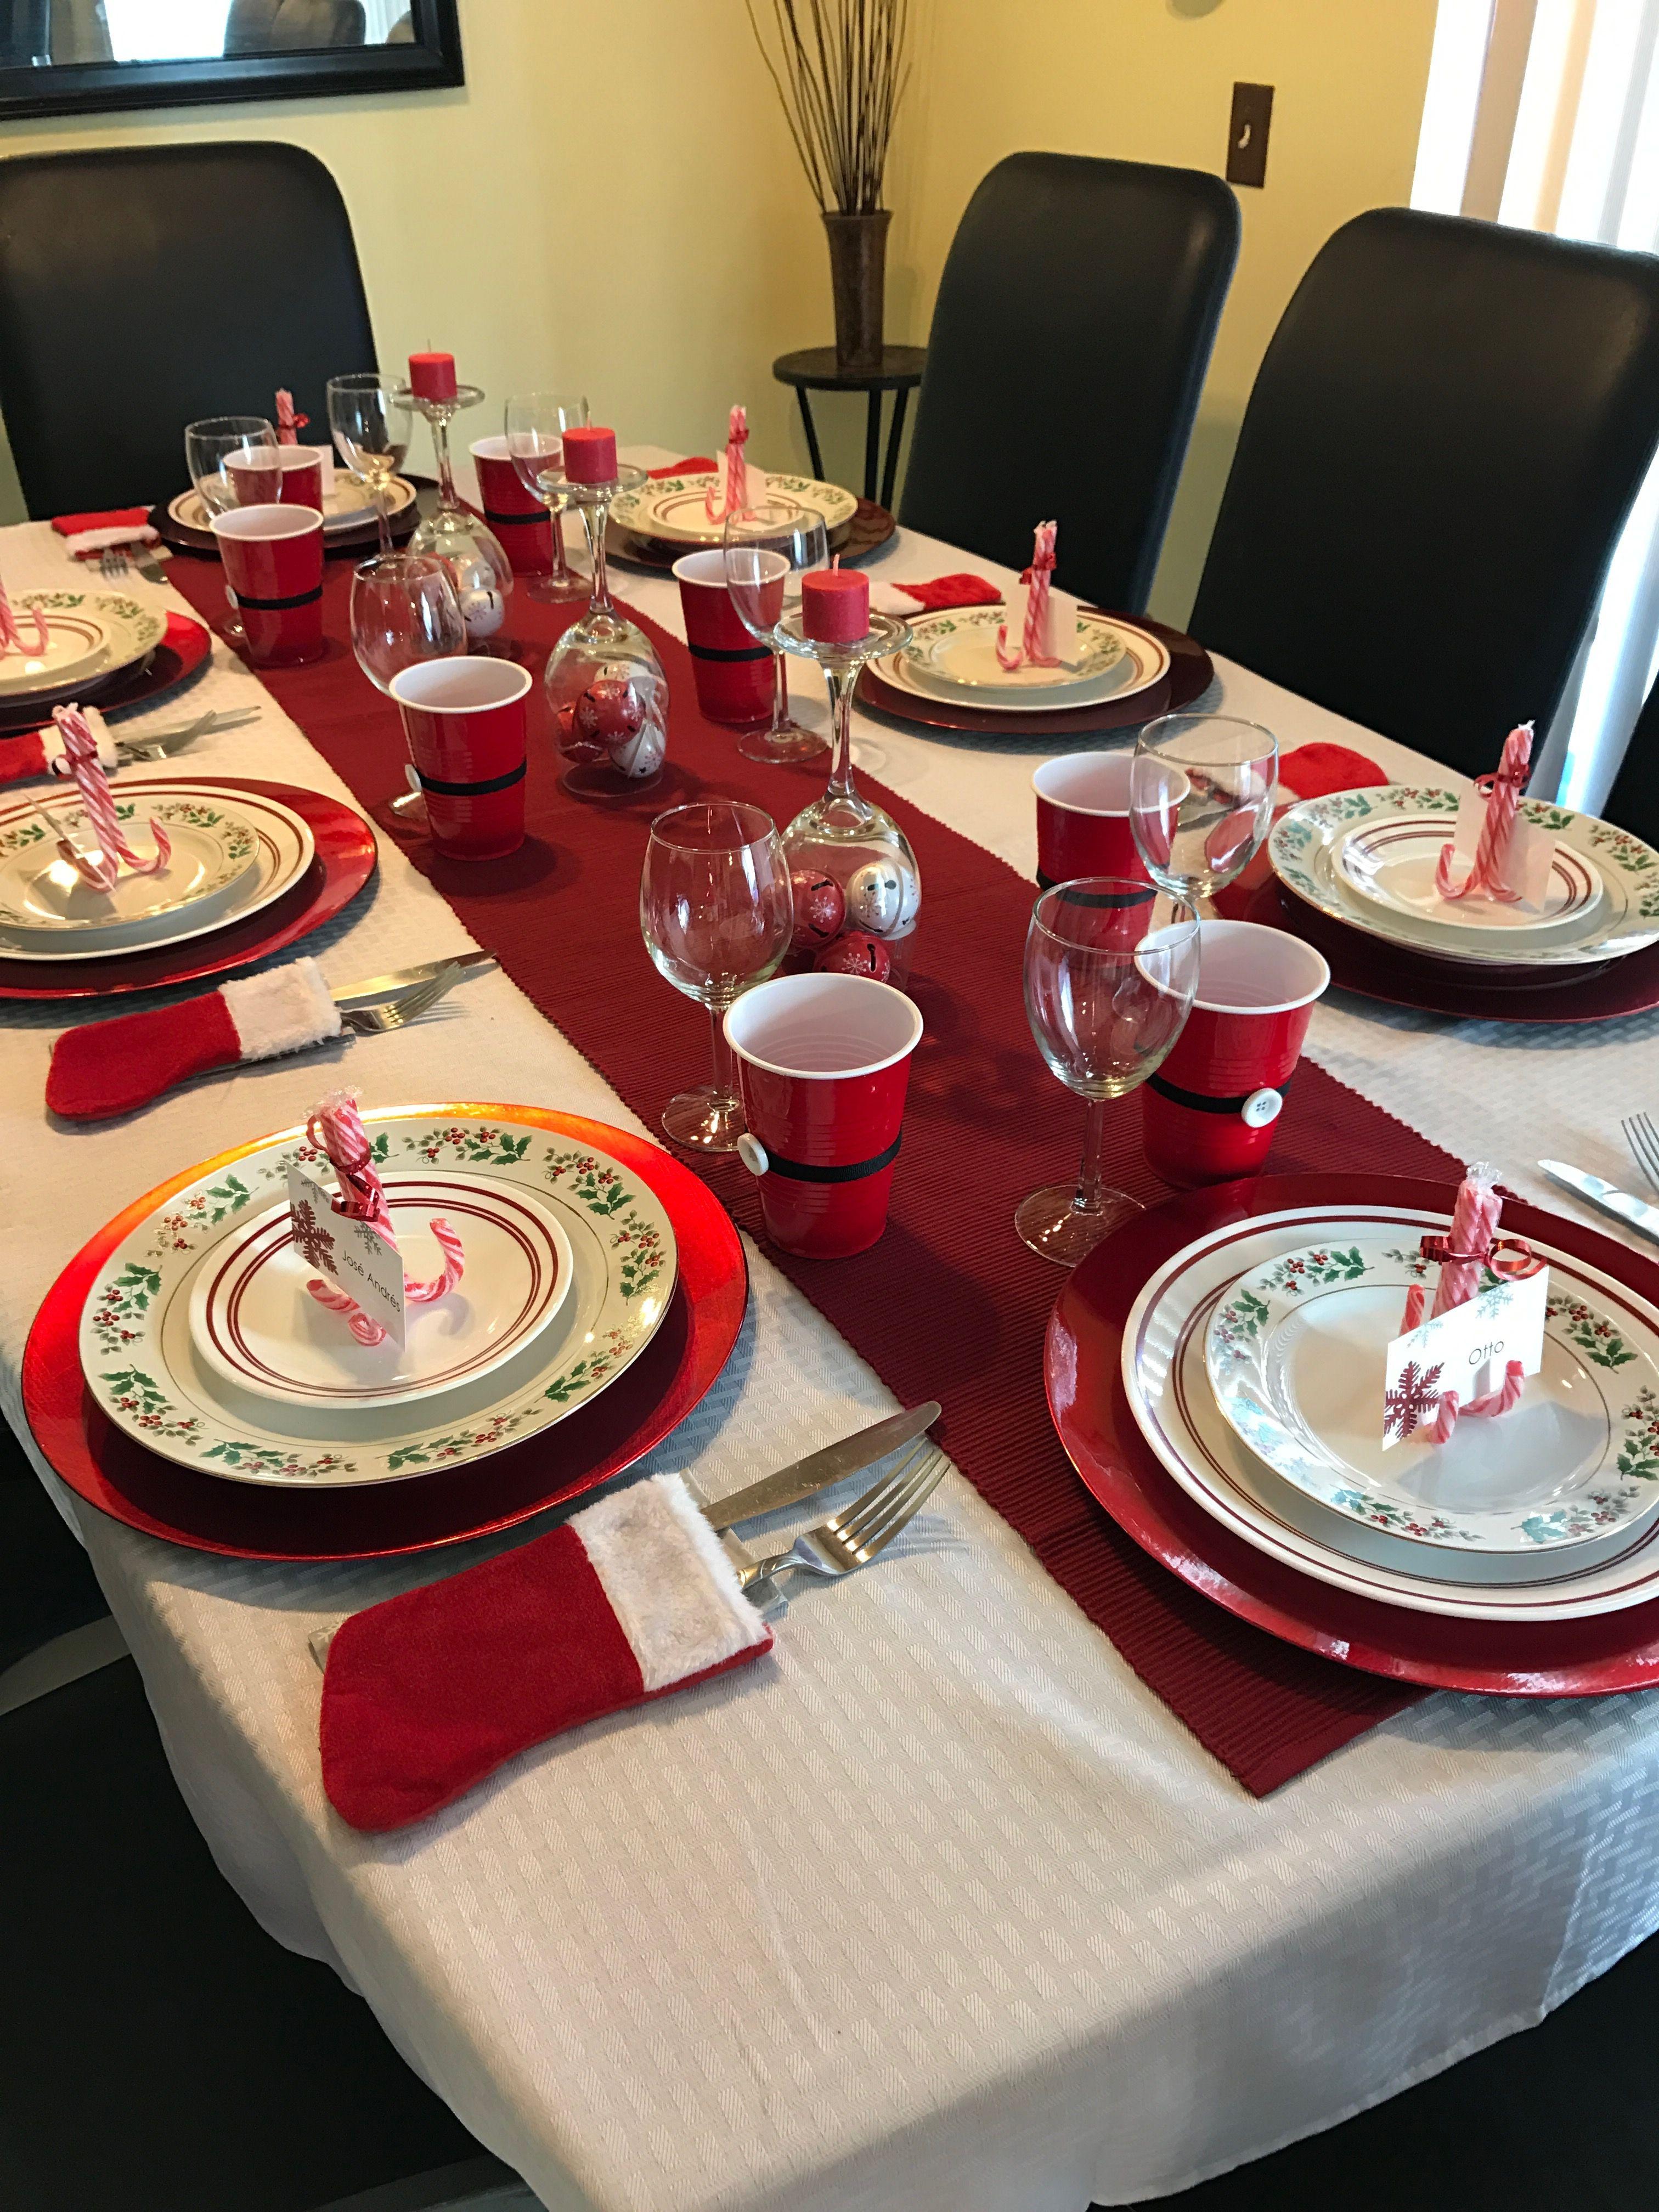 Pin By Marina Mora On Christmas Christmas Decorations Dinner Table Christmas Table Christmas Dinner Table